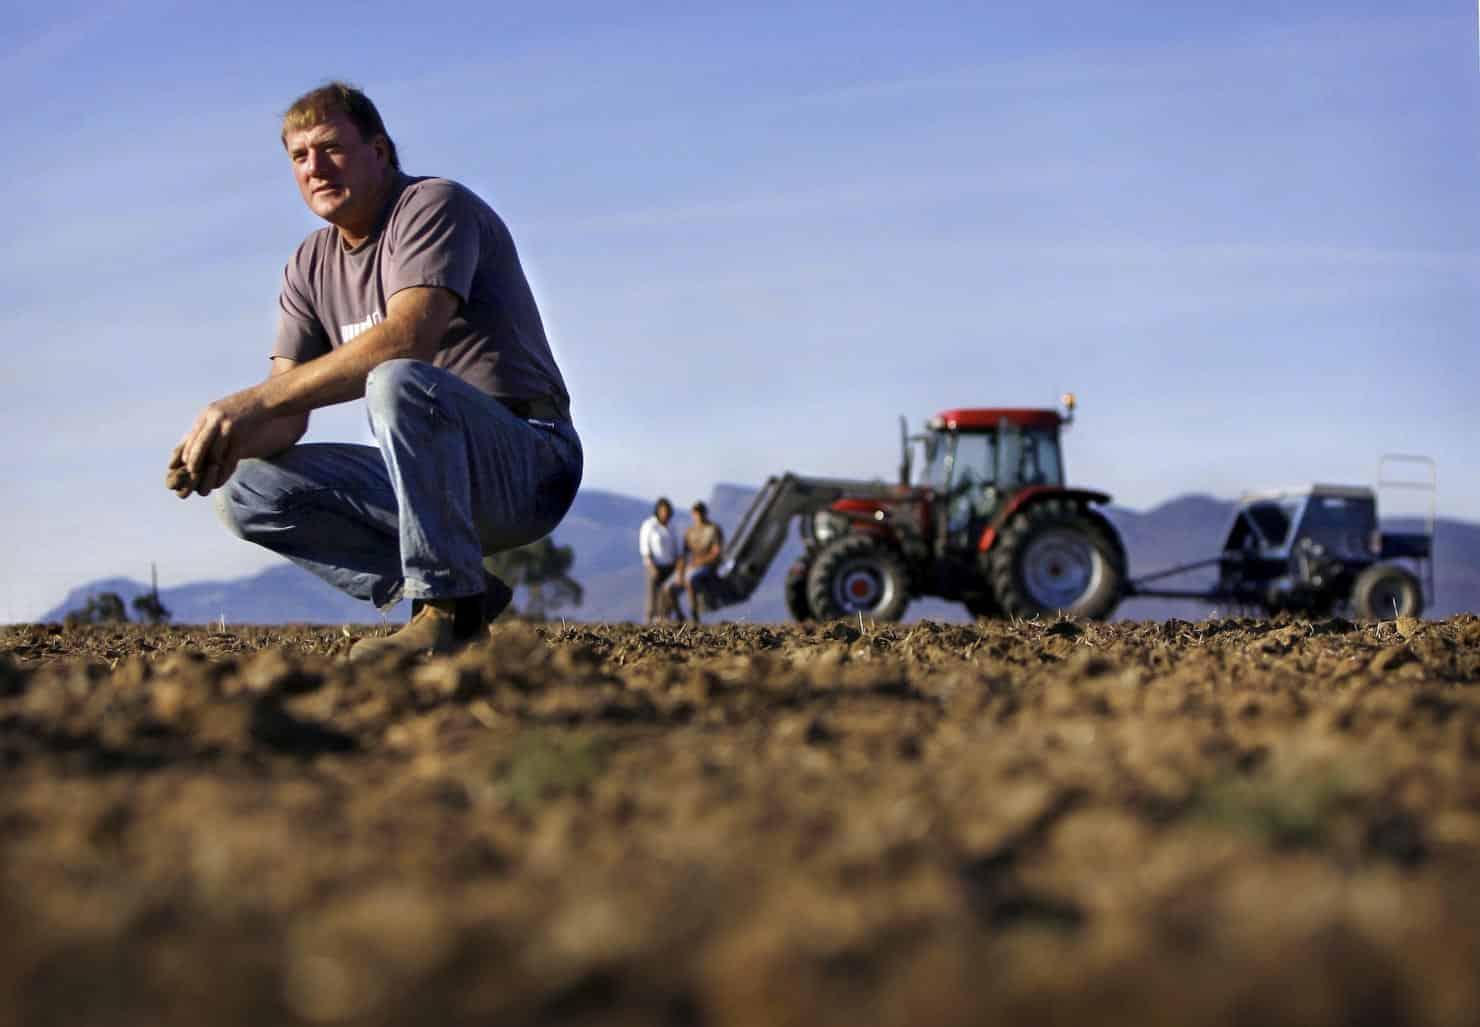 Grampians farmer Graeme Delahunty,